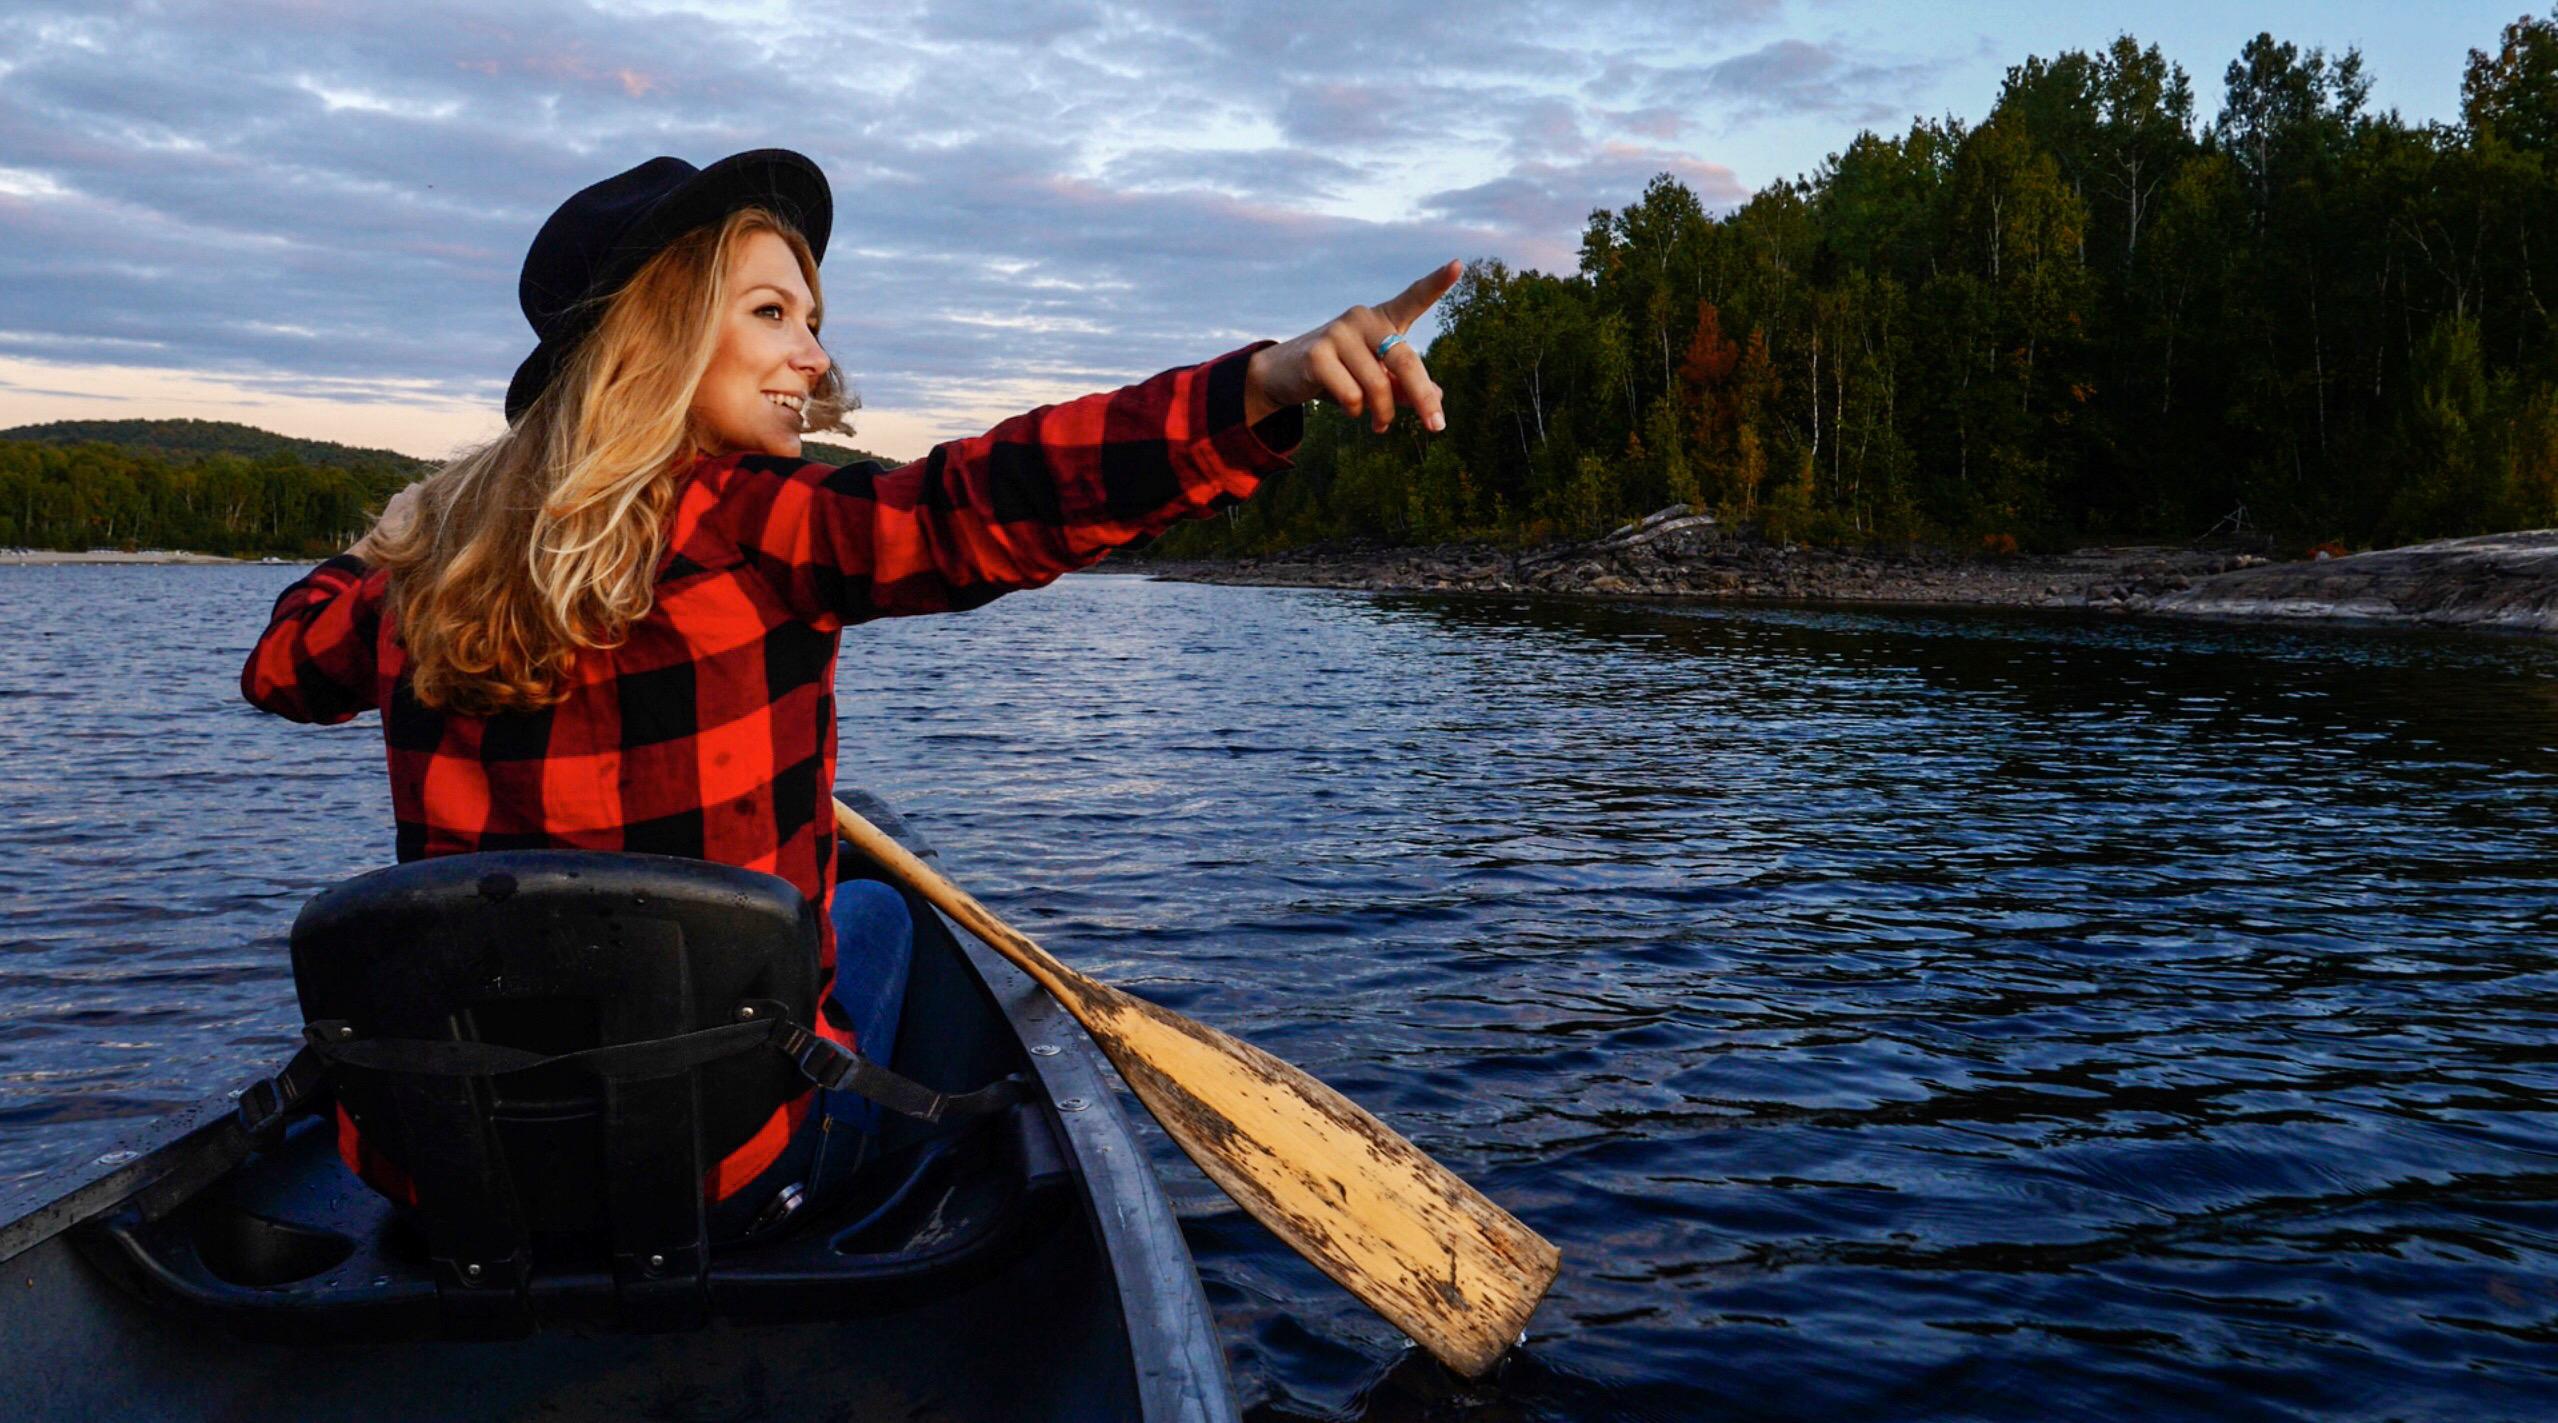 Laurie Médina a exploré Abitibi-Témiscamingue, le «far-west» du Québec, afin de montrer sa nature sauvage et ses paysages préservés /crédit photo LM